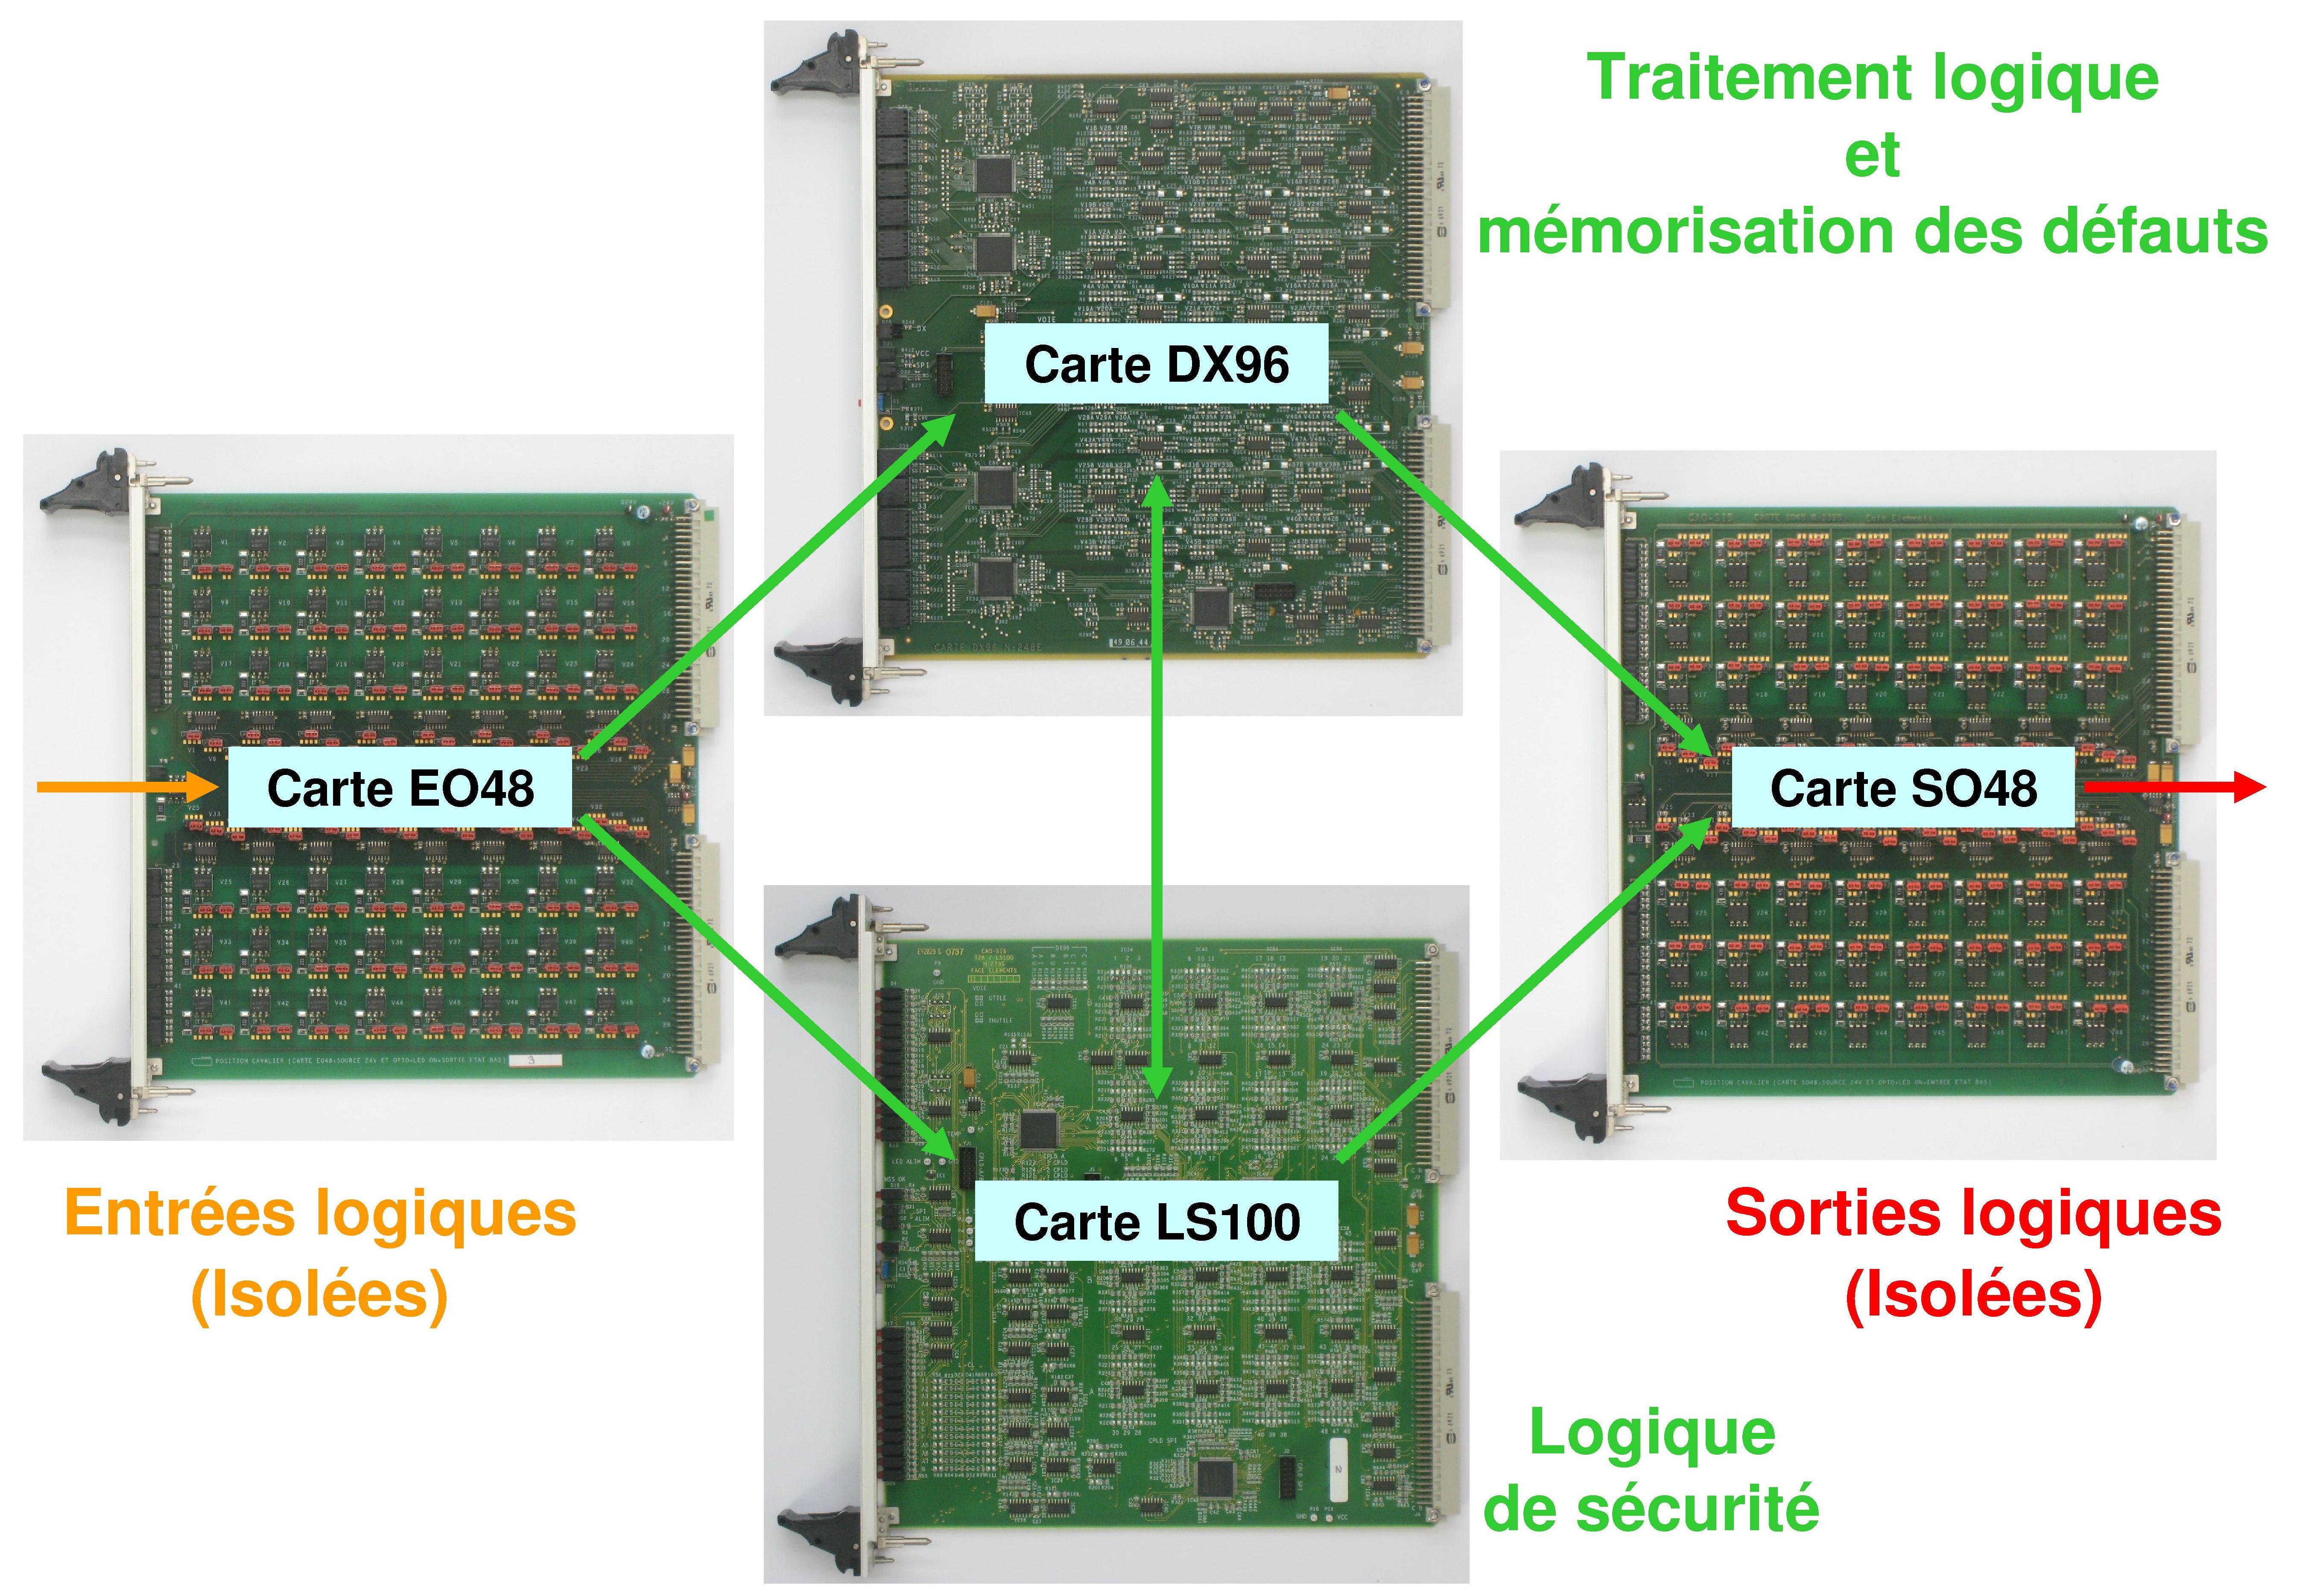 Le MSS de T2K prot�ge les aimants supraconducteurs de la ligne de faisceau